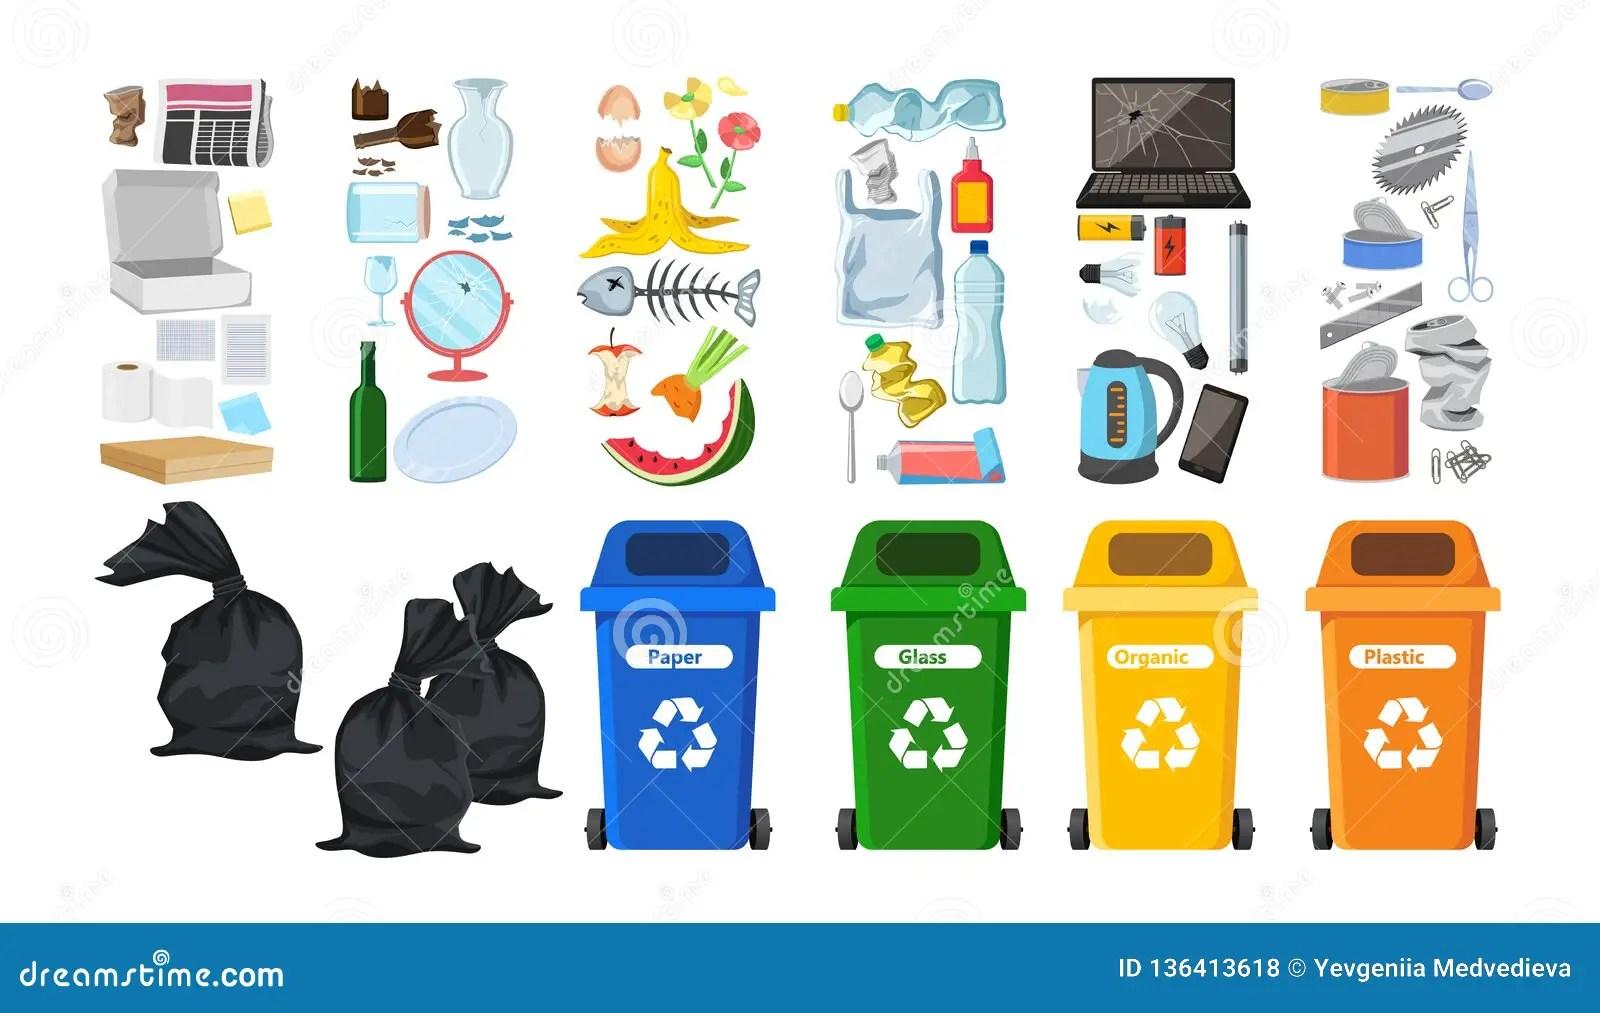 Mlleimer Fr Die Wiederverwertung Von Verschiedenen Abfallarten AbfallbehlterVektorsatz Fr